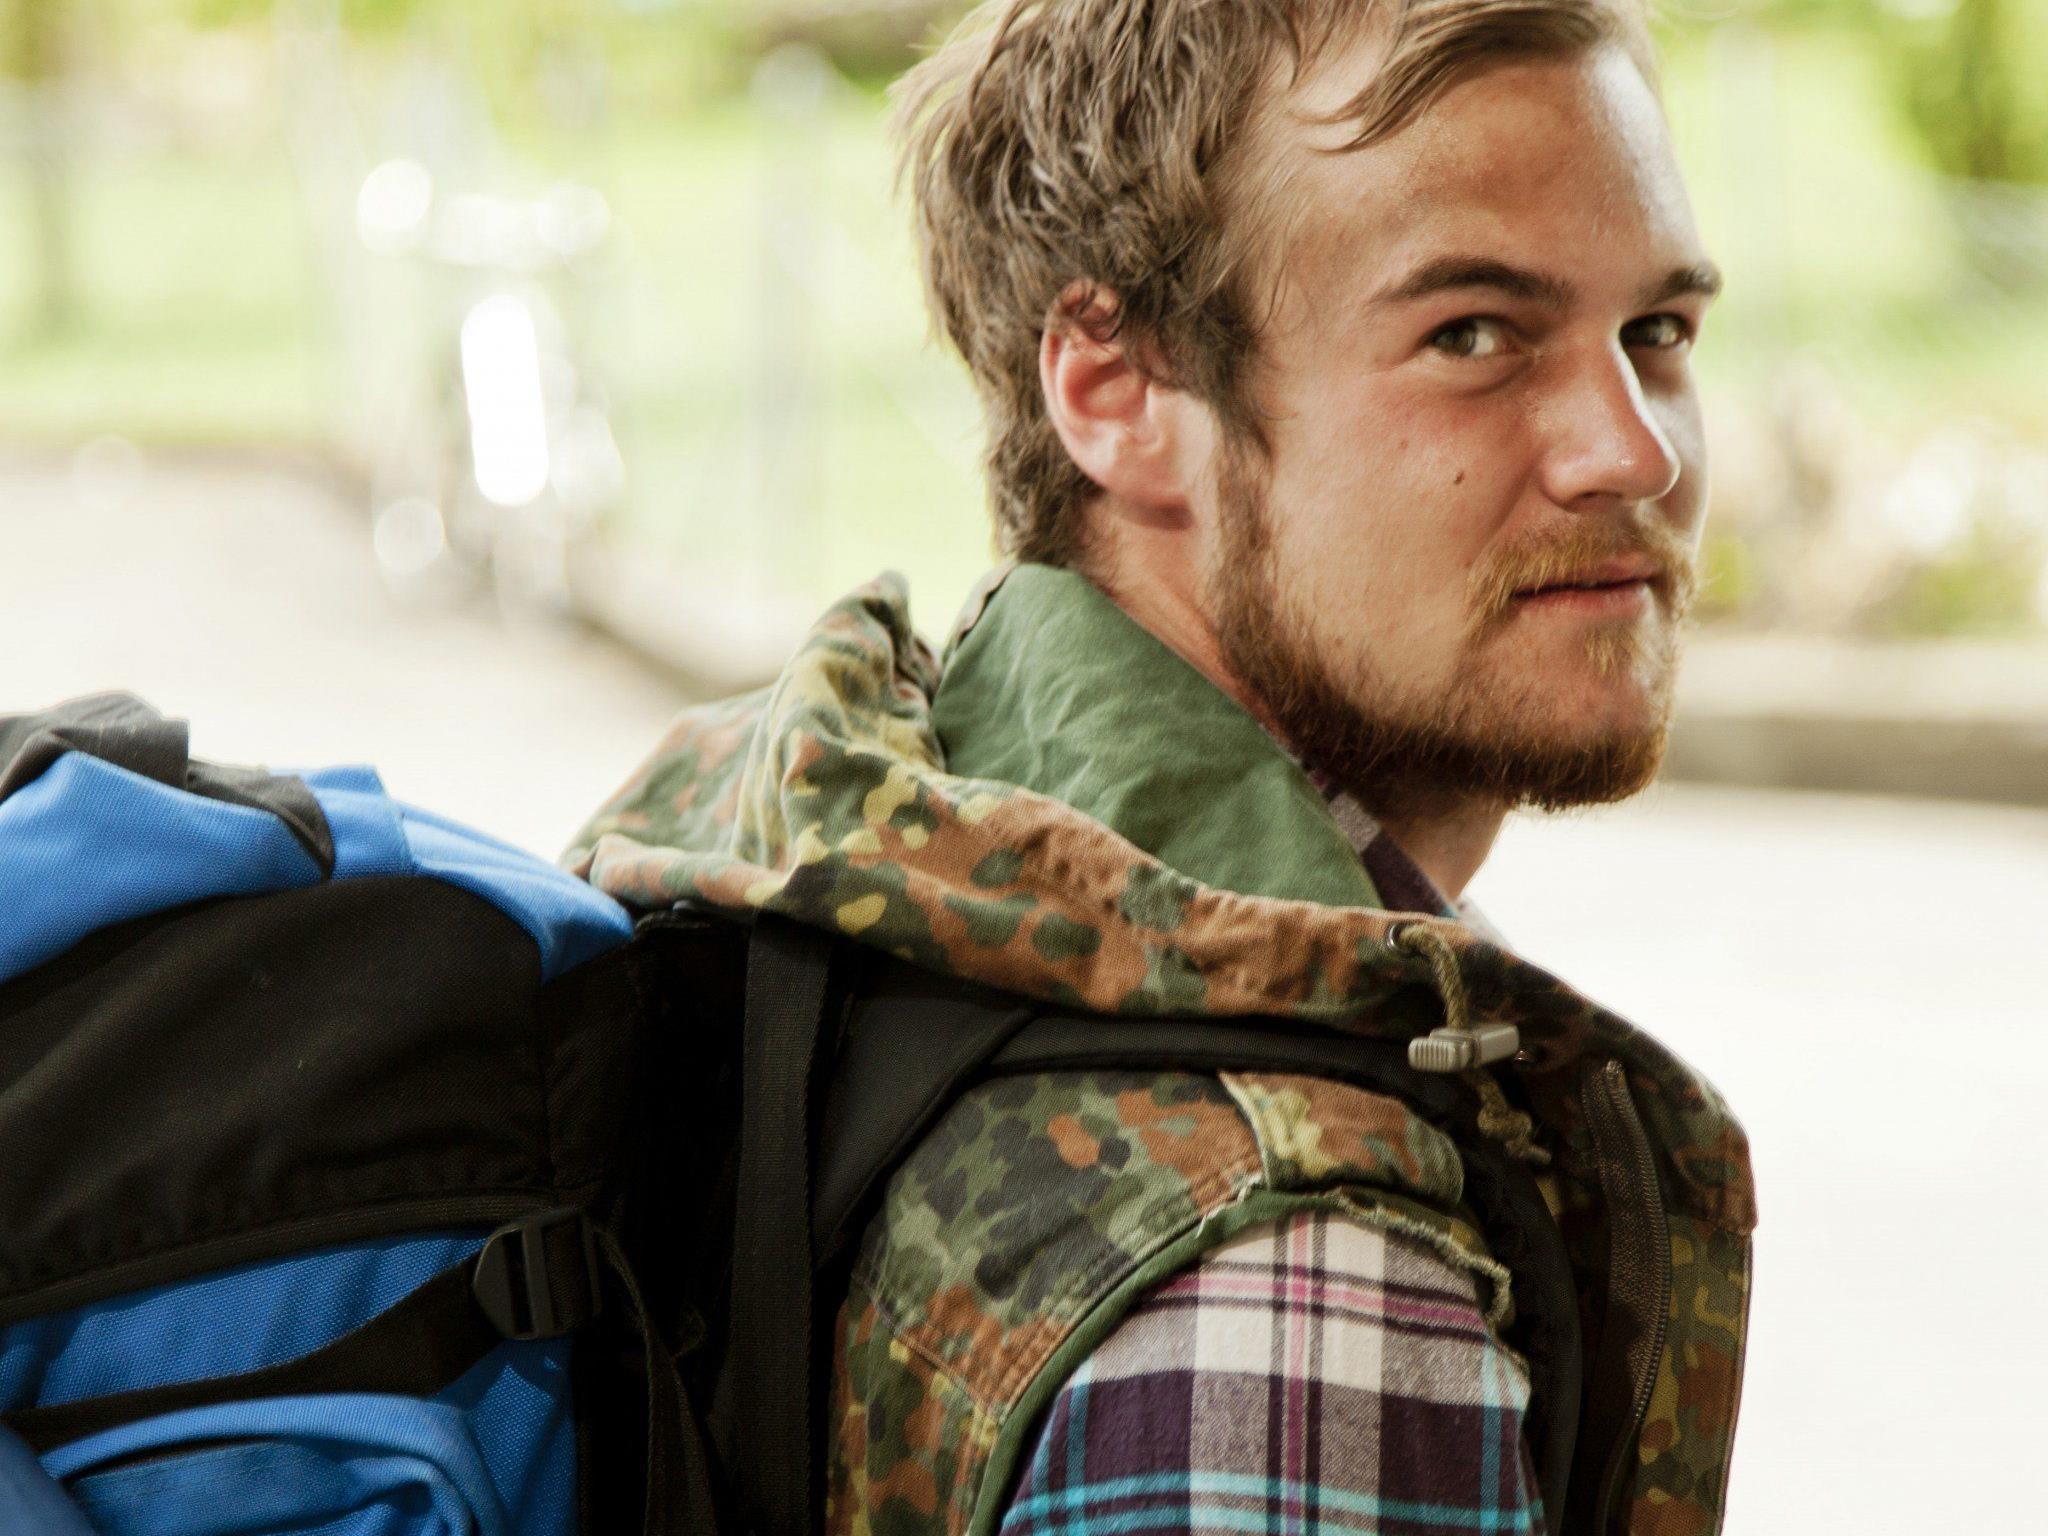 Mit dem Internationalen Jugendherbergsausweis und der EYCA reisen Jugendliche günstiger.